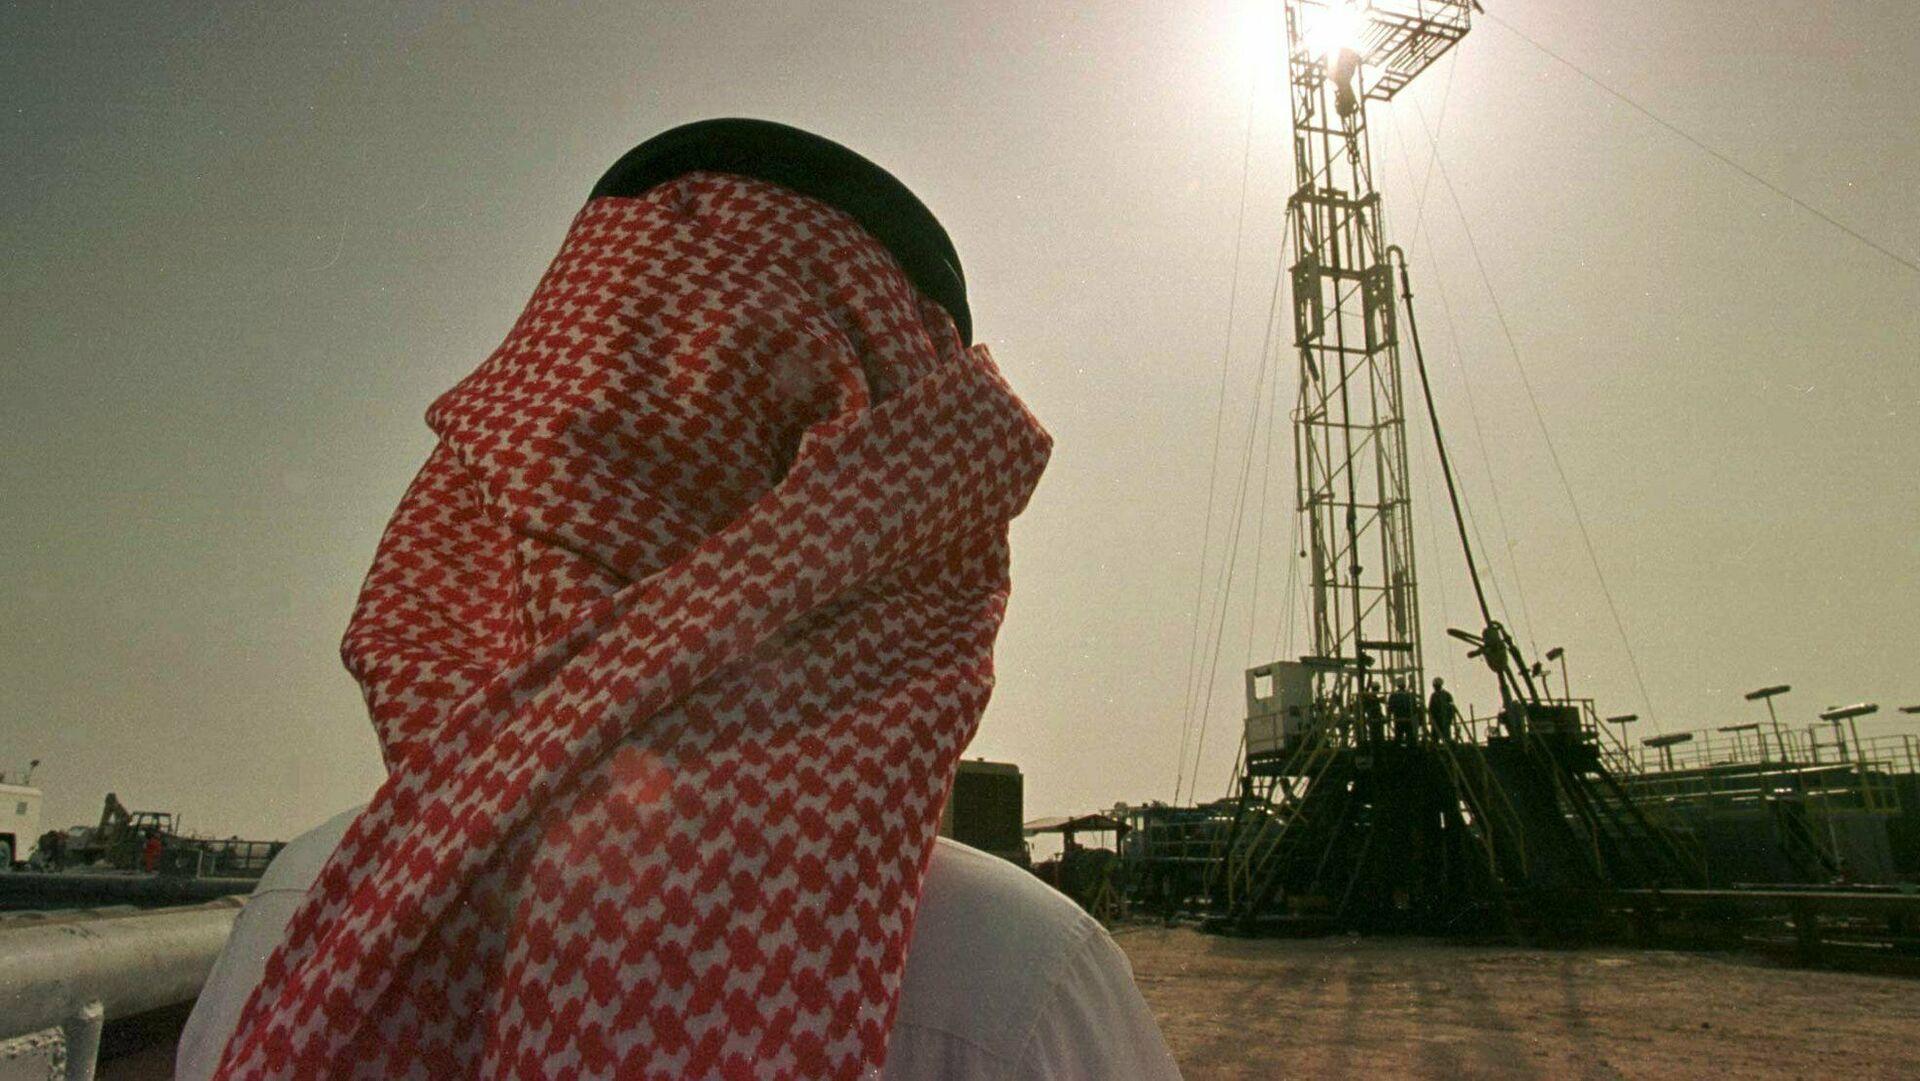 Un empleado de la compañía petrolera saudí Aramco observa el progreso de una plataforma situada en un yacimiento petrolero  - Sputnik Mundo, 1920, 26.03.2021